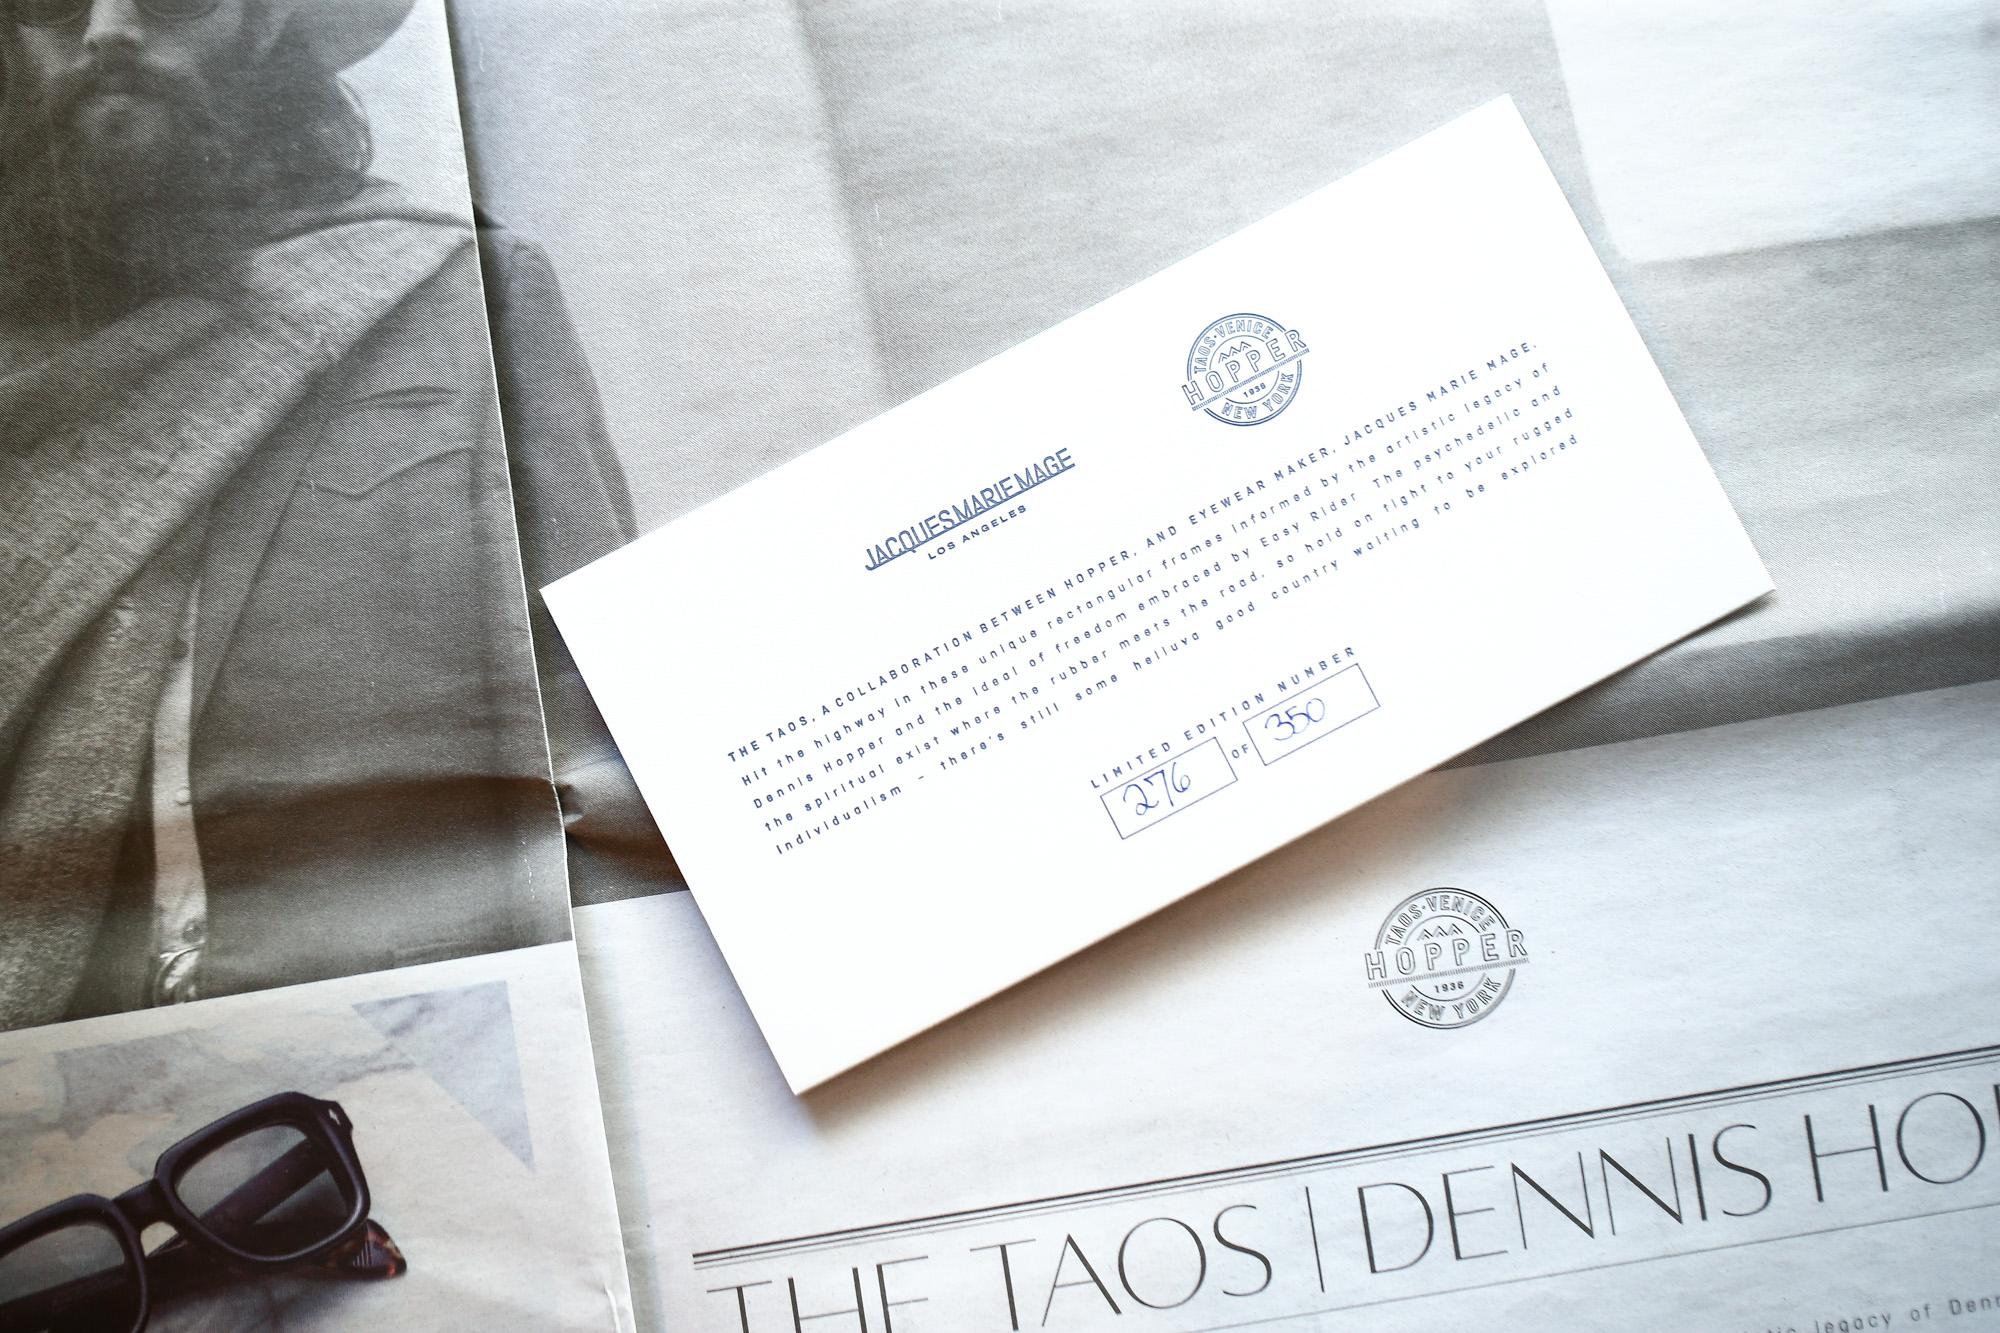 JACQUESMARIEMAGE (ジャックマリーマージュ) TAOS (タオス) Dennis Hopper (デニス・ホッパー) STERLING SILVER ウェリントン型 アイウェア サングラス NOIR (ノワール)  HANDCRAFTED IN JAPAN 2018 秋冬新作 jacquesmariemage taos dennishopper 18kgold デニスホッパー 愛知 名古屋 Alto e Diritto アルト エ デリット